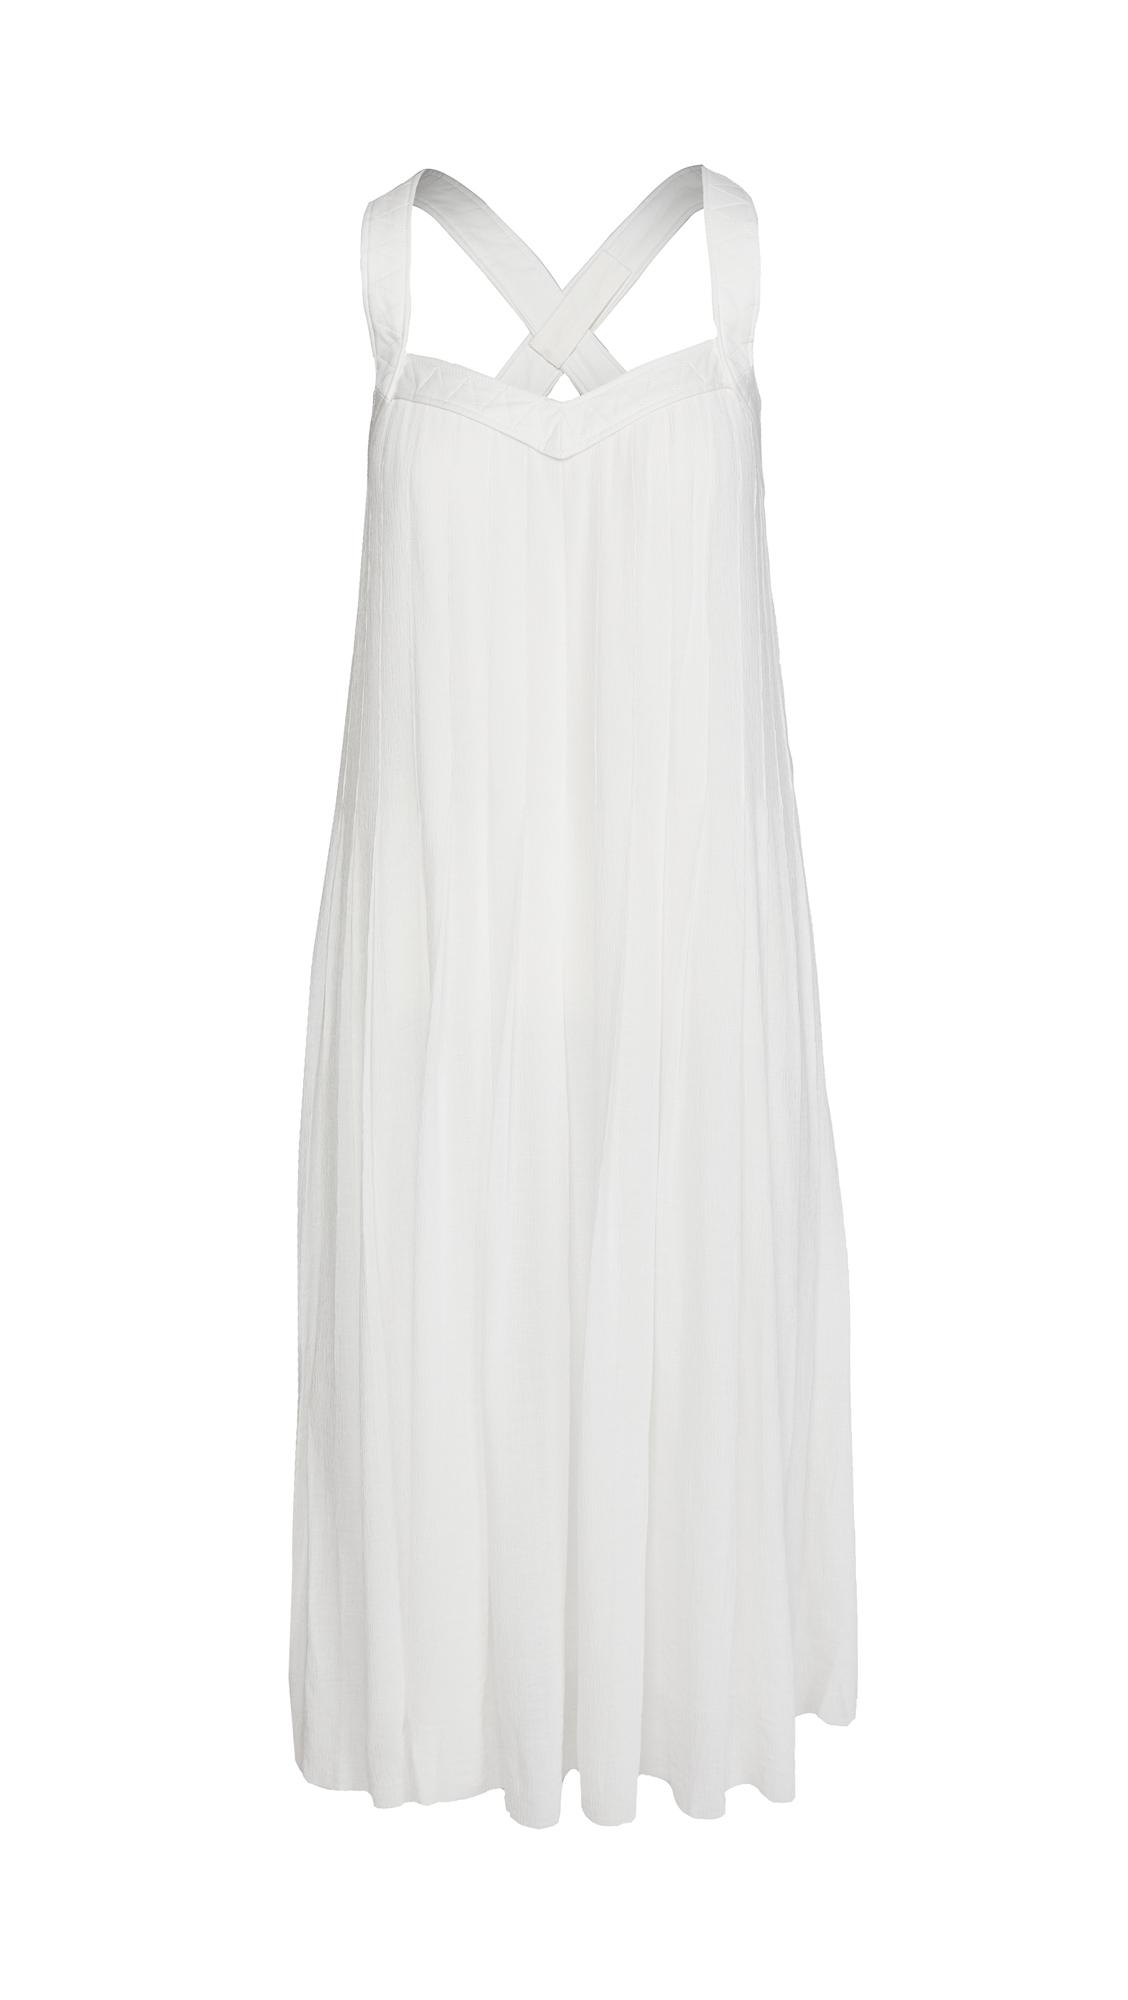 Rag & Bone Sabine Dress